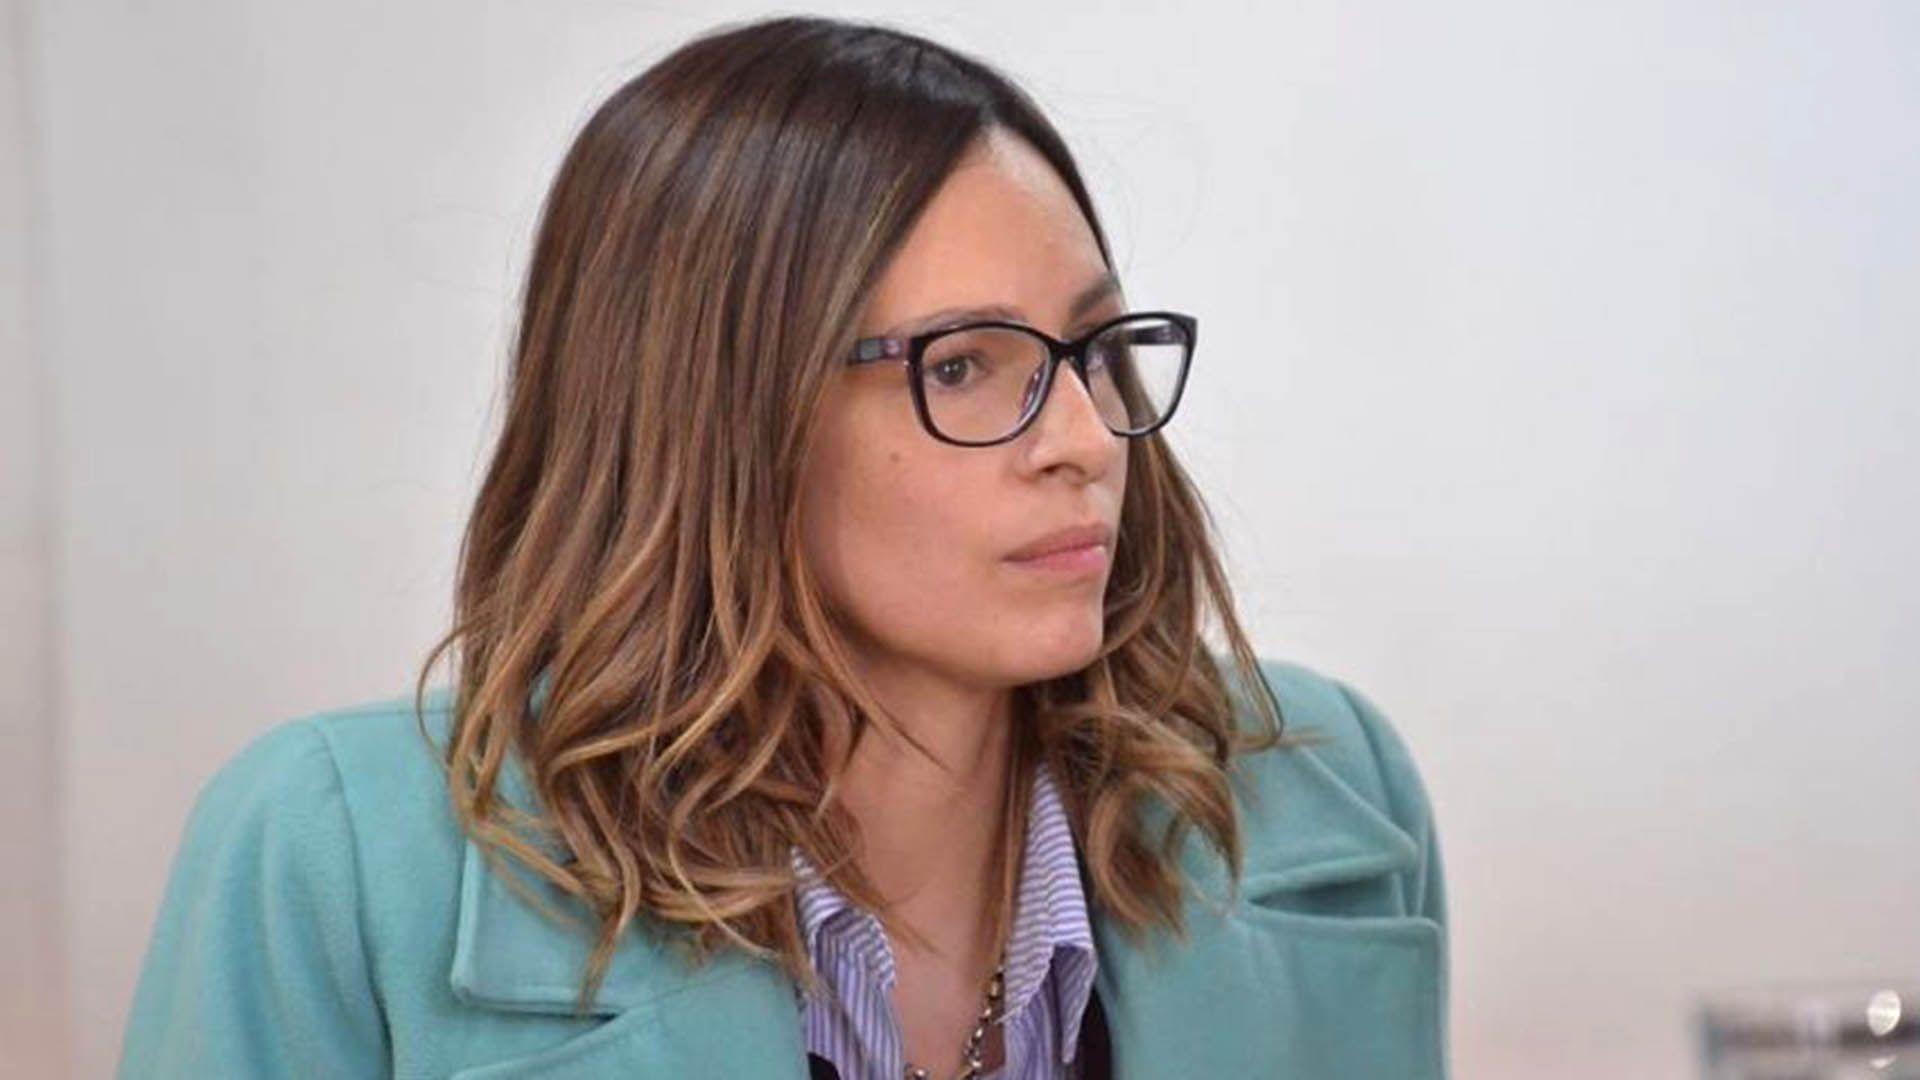 Julieta Silva, durante el juicio por el homicidio cometido contra su novio, el rugbier Genaro Fortunato.